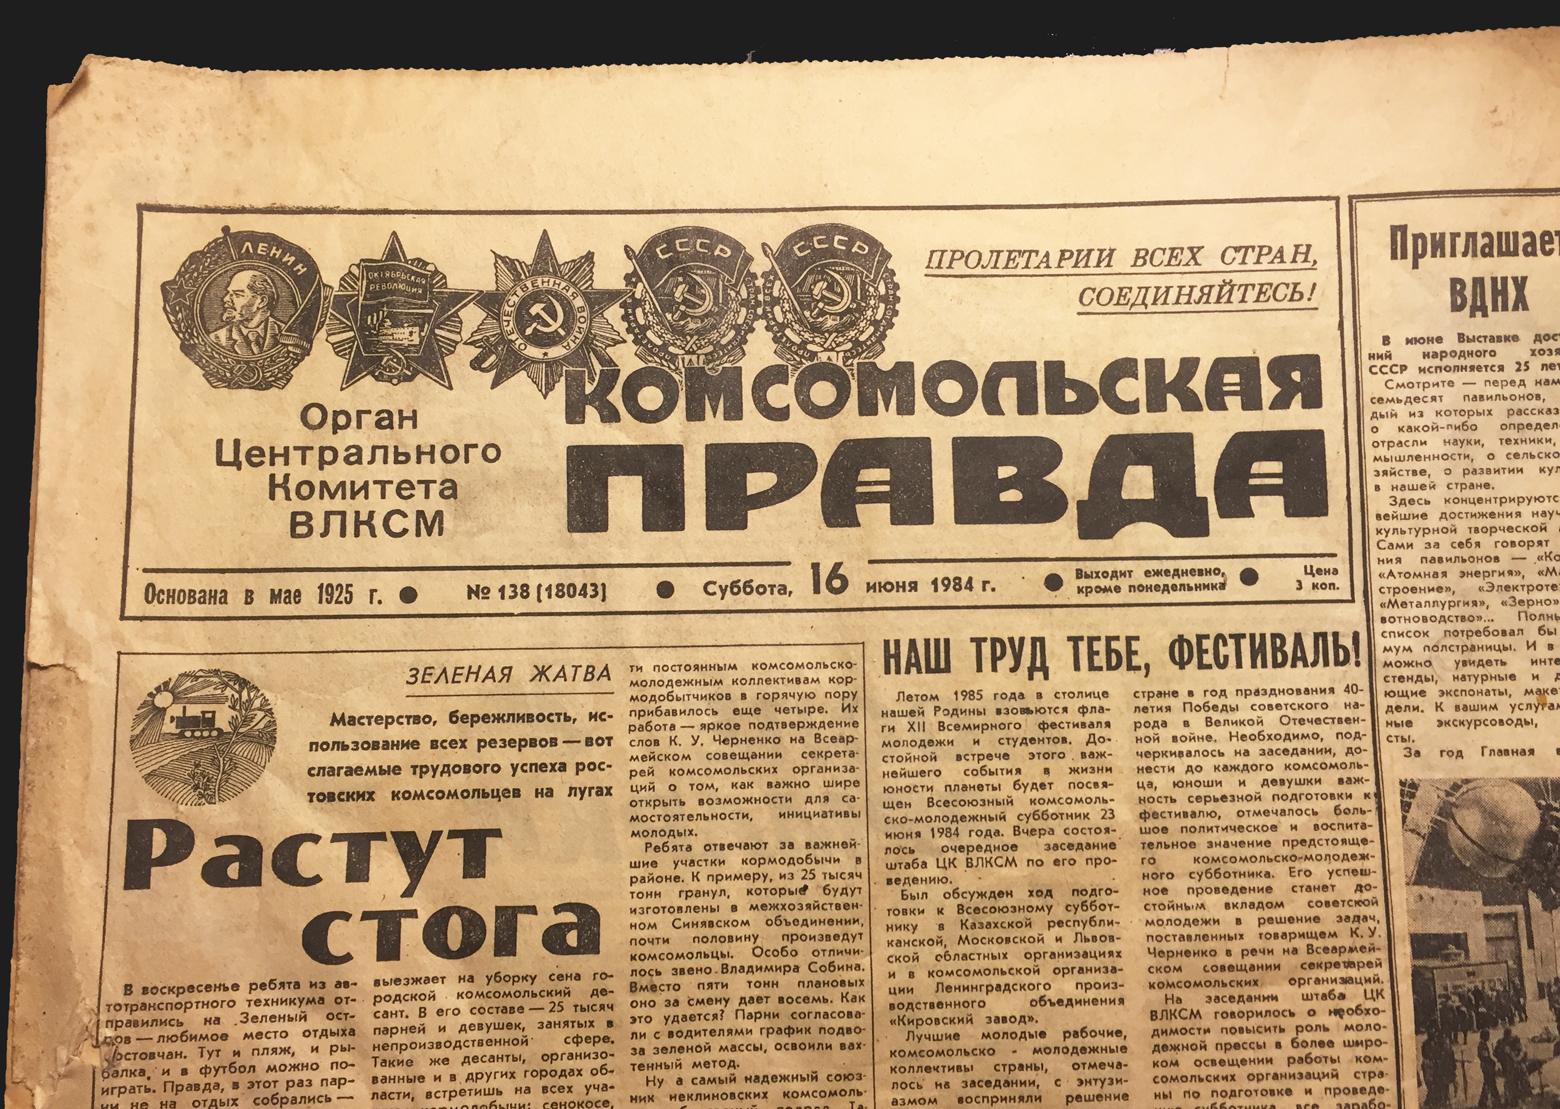 Chernobyl Pravda